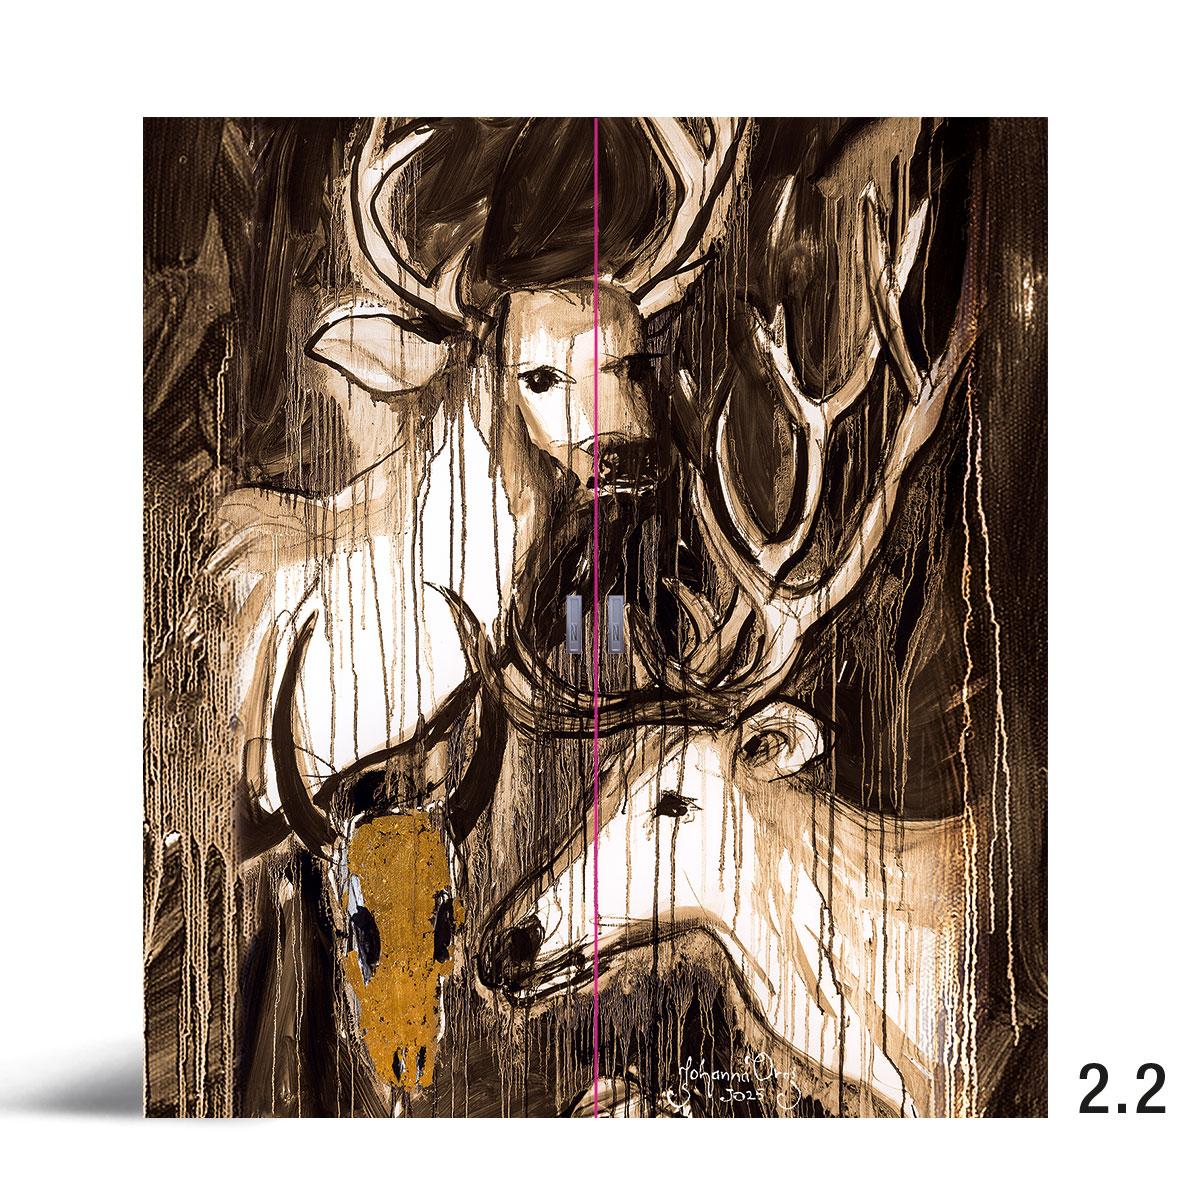 Liune Taide - D20 by Johanna Oras: Maaginen hetki pariovi